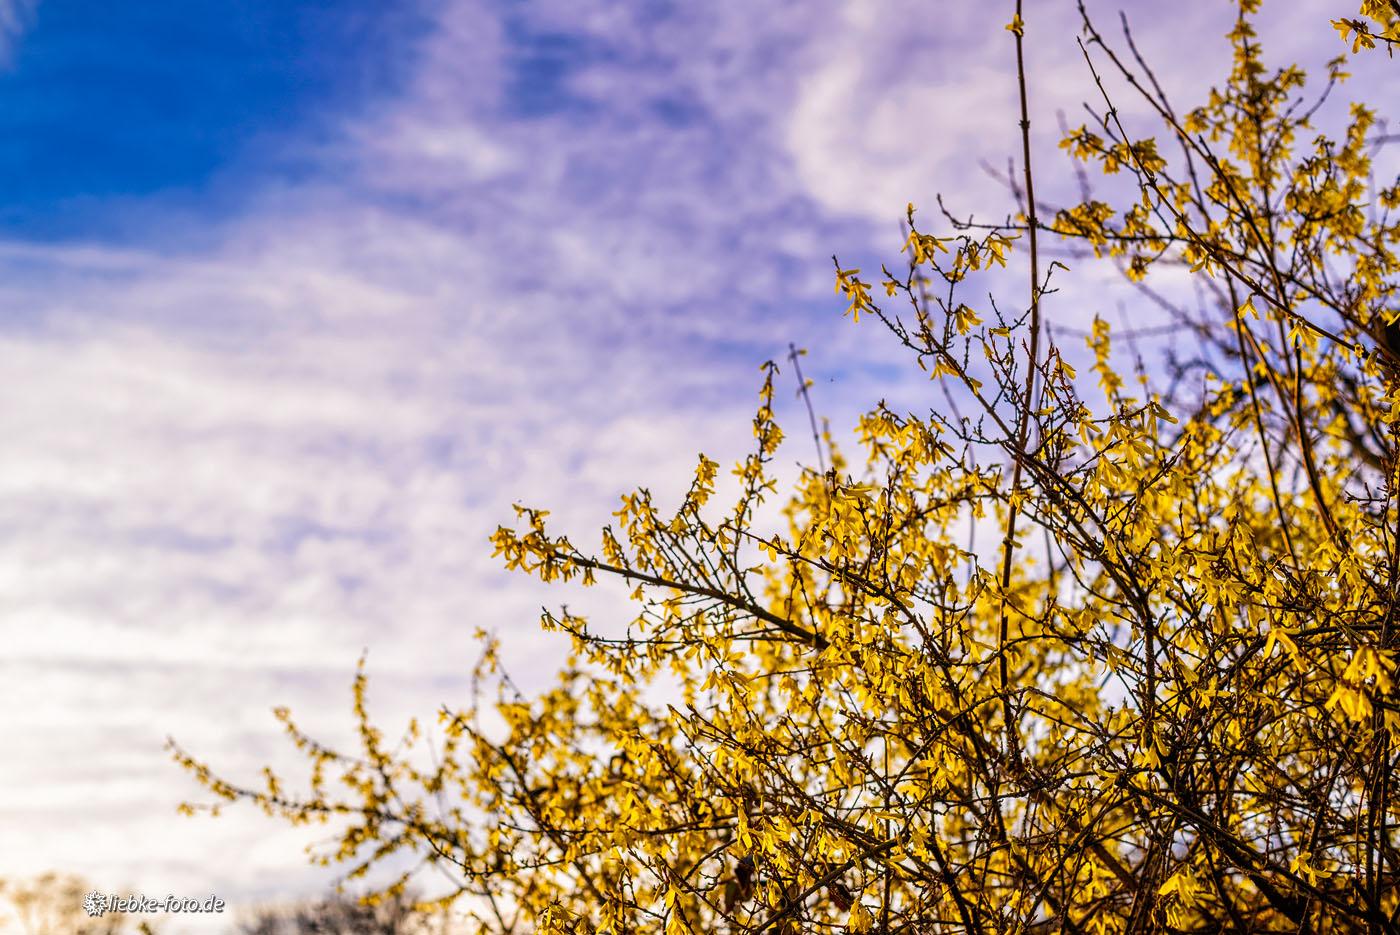 Frühblüher vor märkischem Himmel wetteifern mit dem Strahlen der Abendsonne